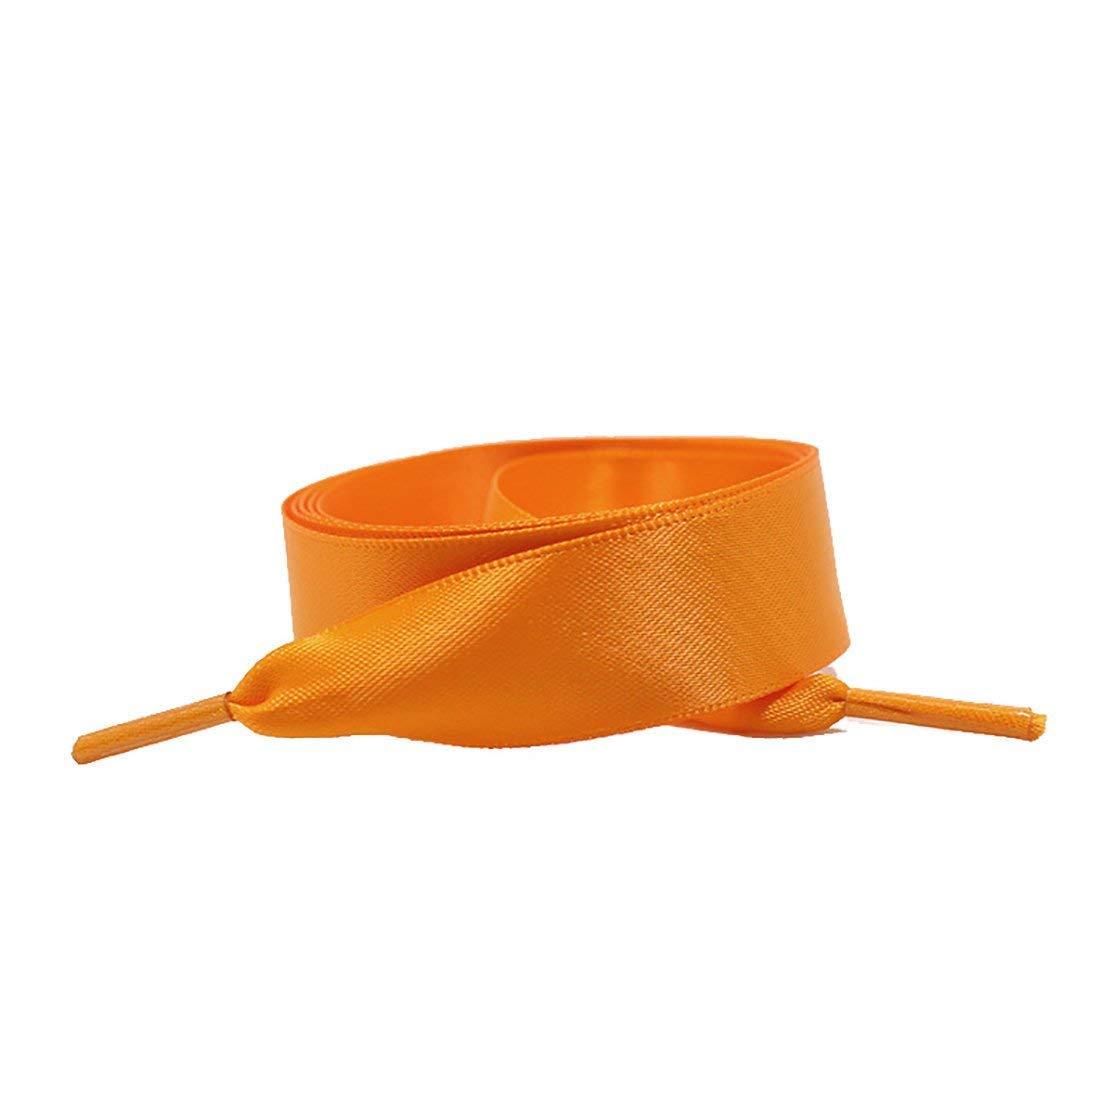 takestop/® Cordones cord/ón Cinta de Raso 80/cm Cuerdas Platos Plato para Zapatos Cuerdas de Colores Cable Cuerda Botas Zapatos Resistentes